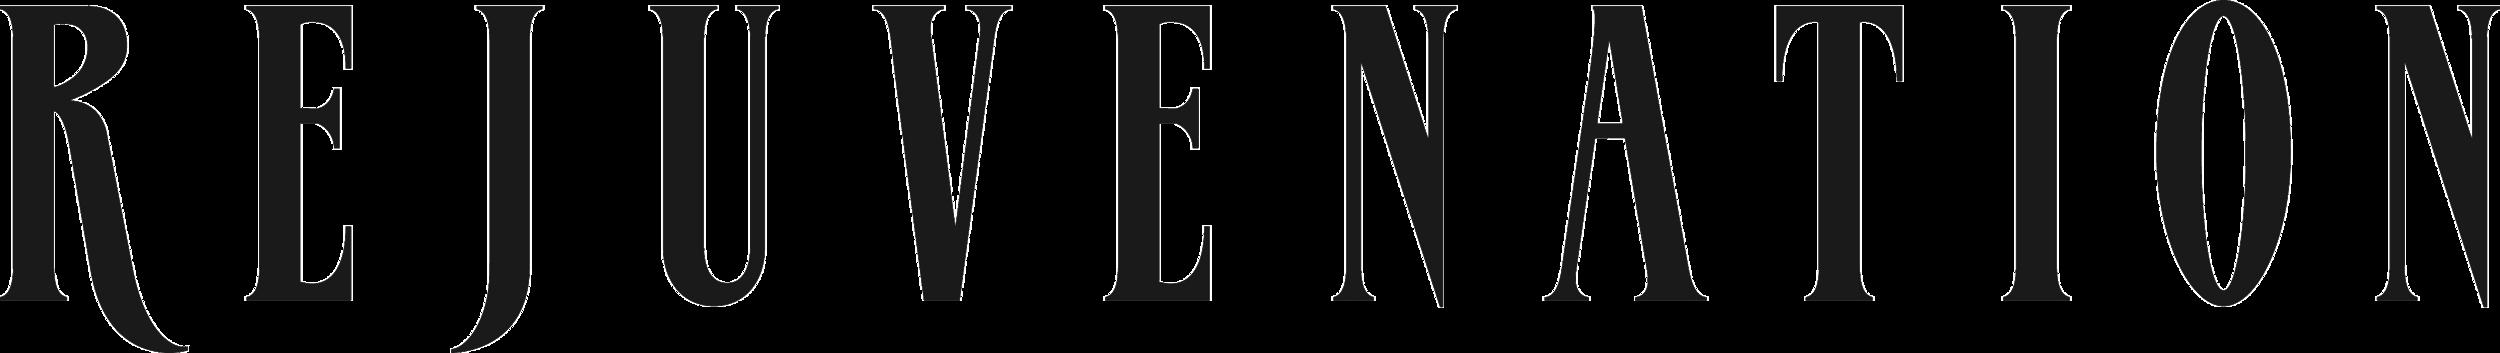 Rejuvenation_(lighting_and_hardware)_logo.png